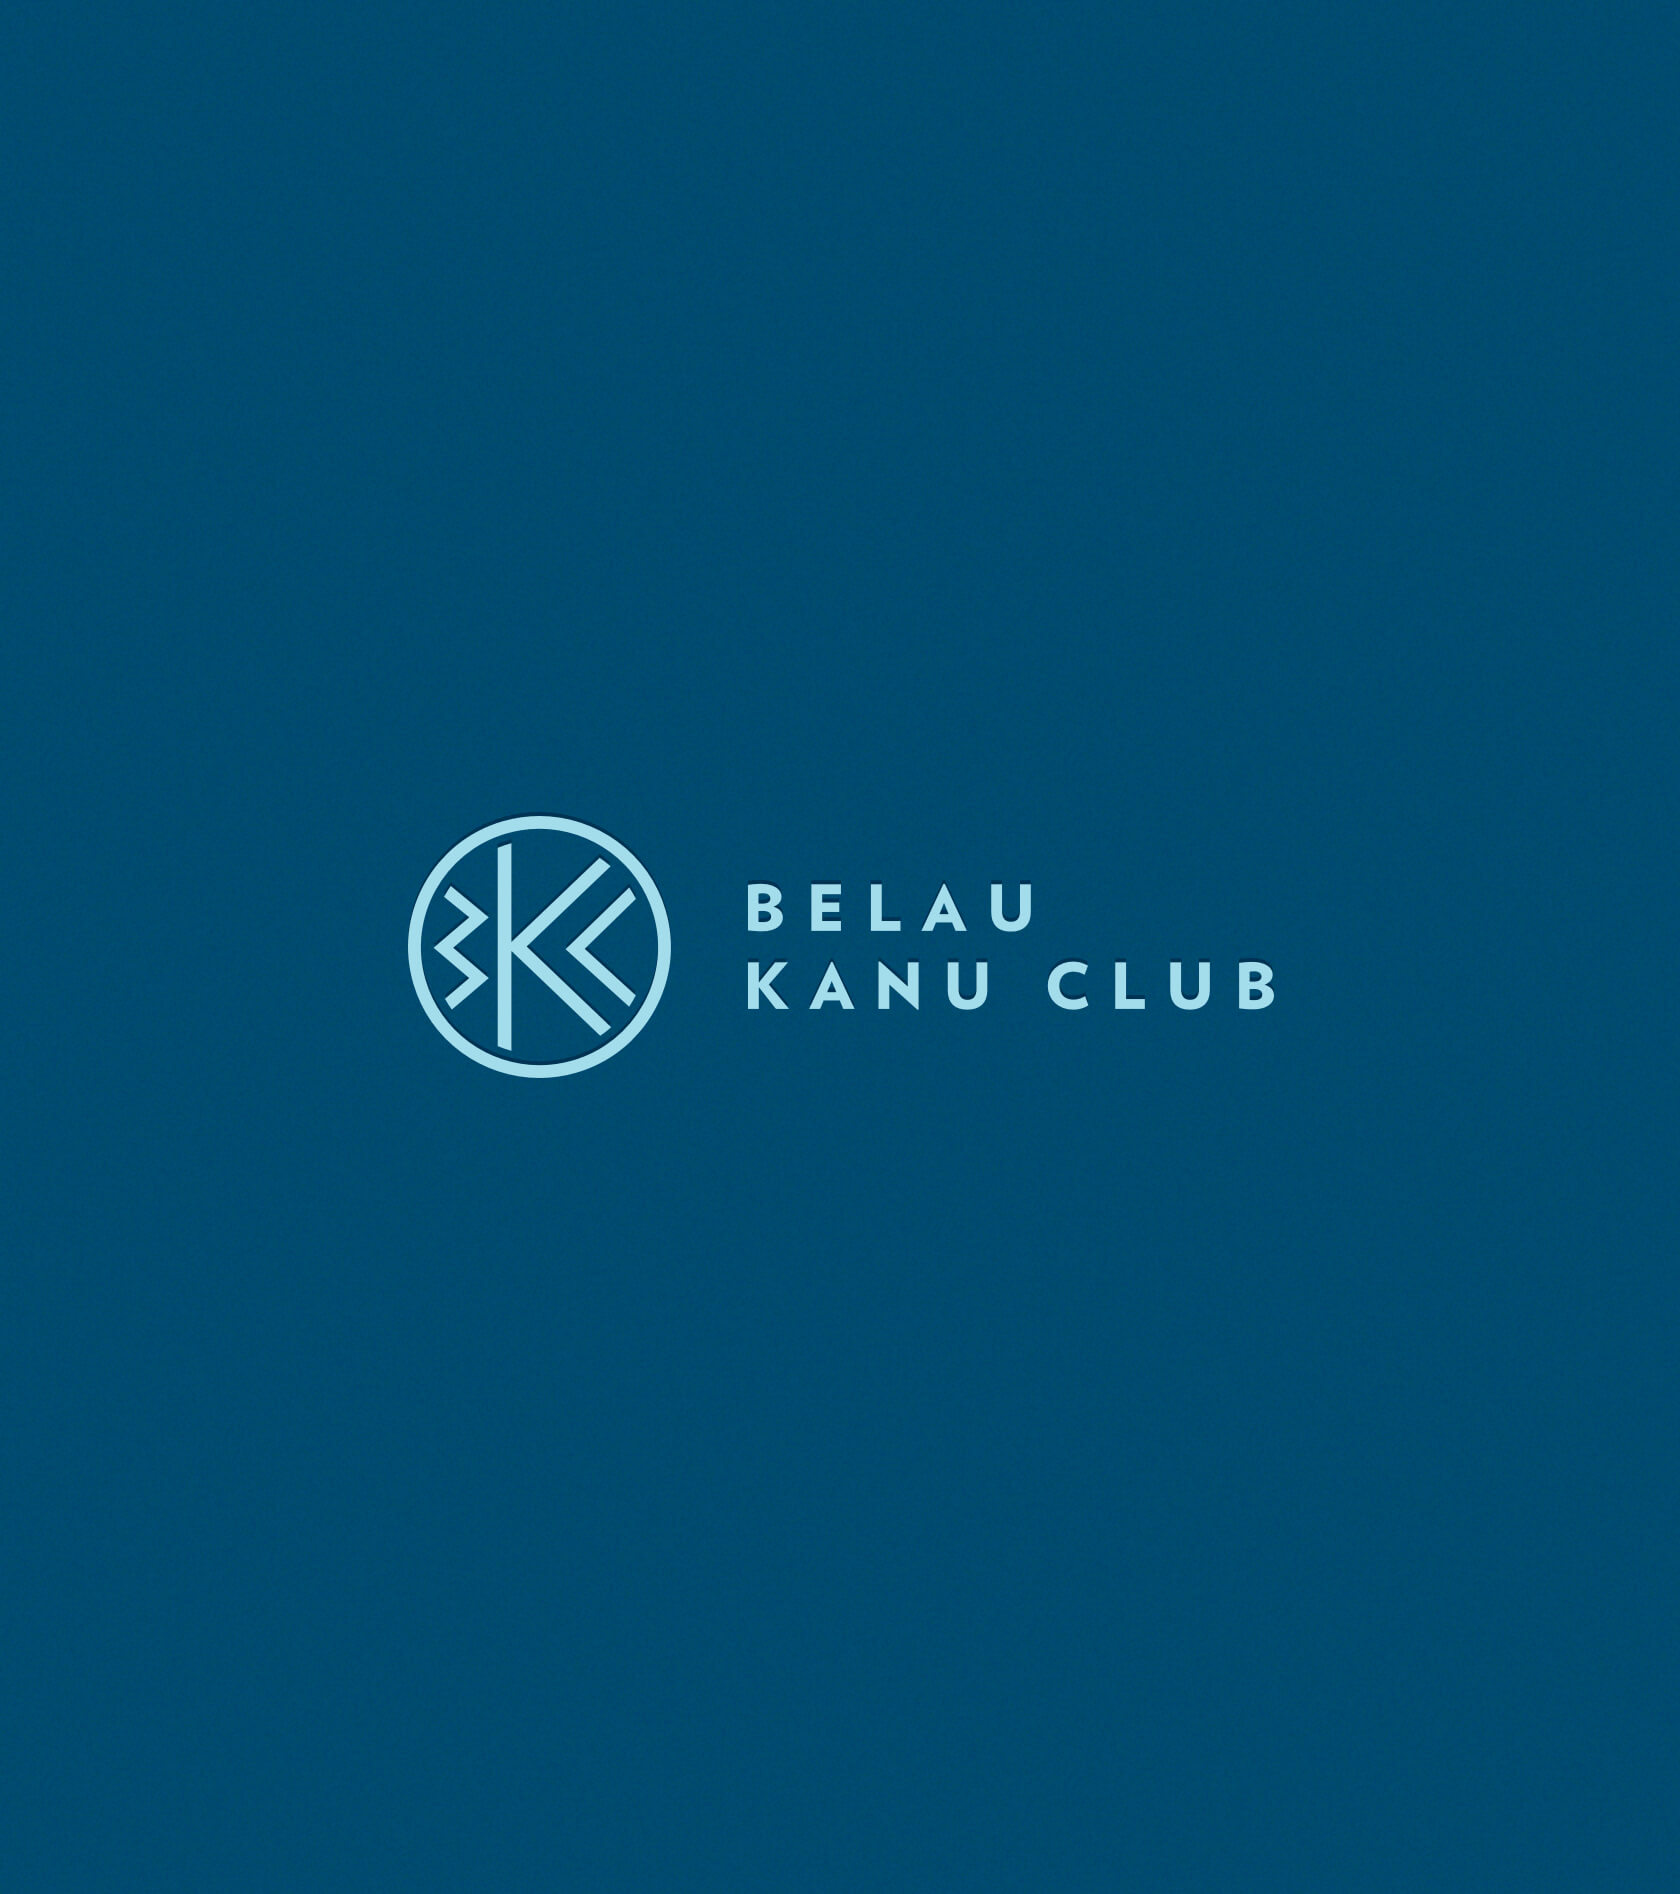 belau kanu club primary logo lock up on navy blue background